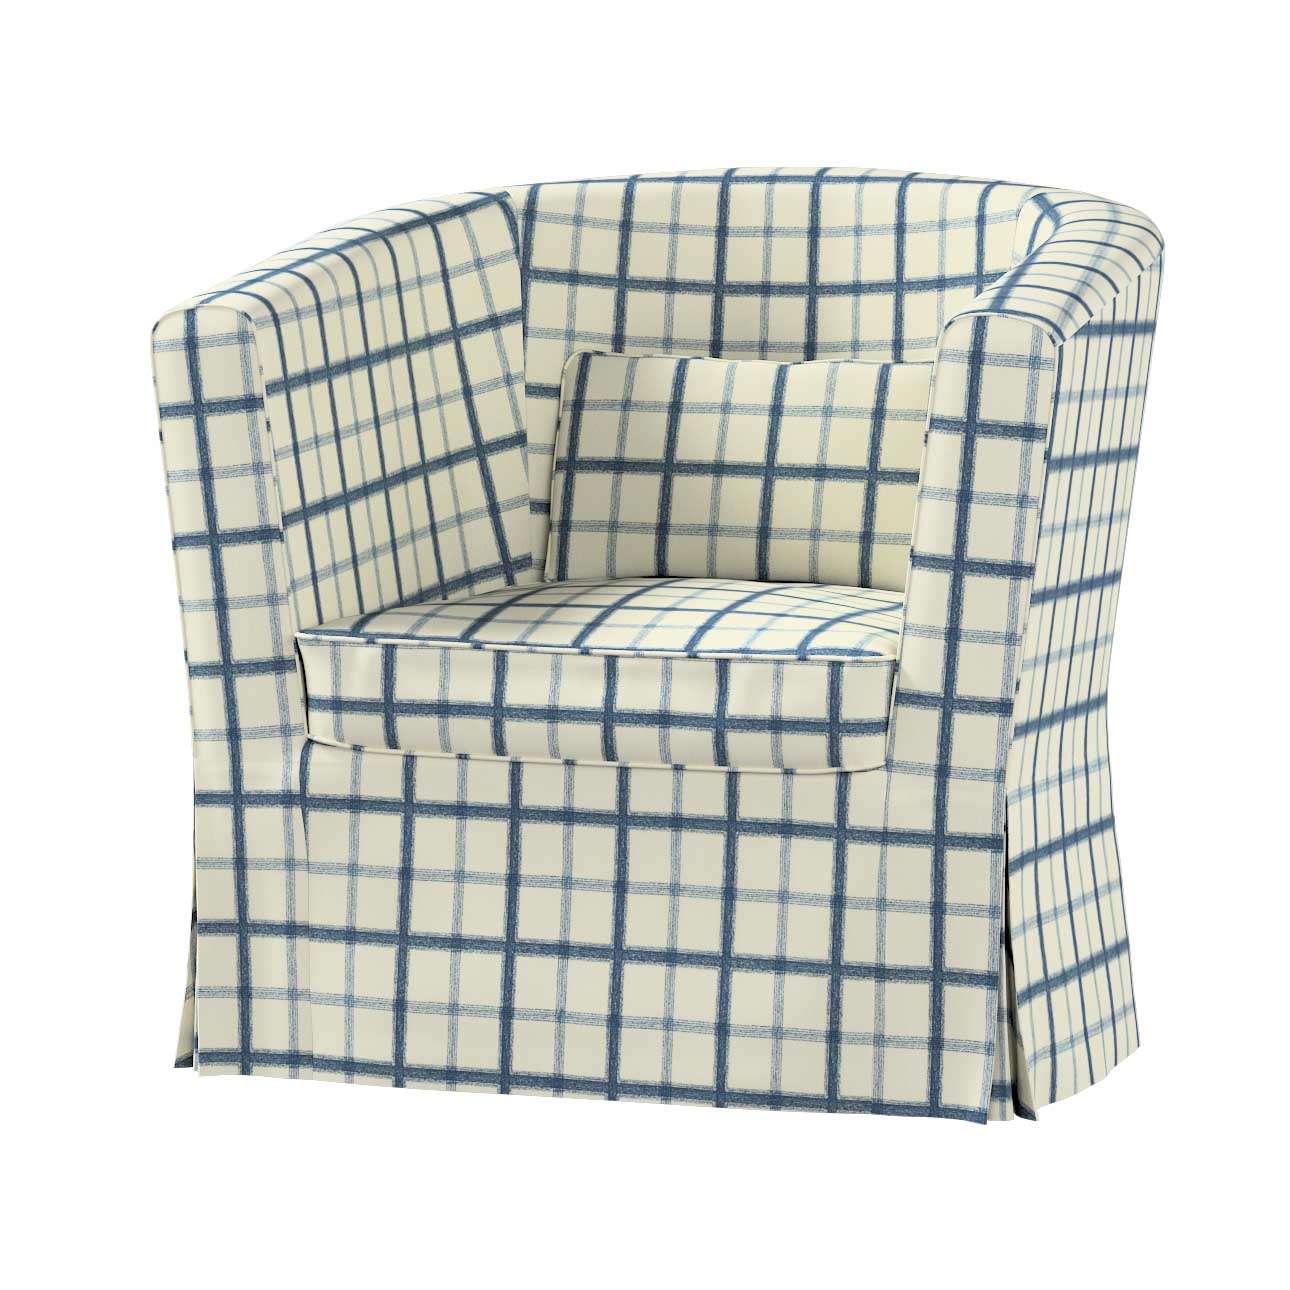 EKTORP TULLSTA fotelio užvalkalas Ektorp Tullsta fotelio užvalkalas kolekcijoje Avinon, audinys: 131-66